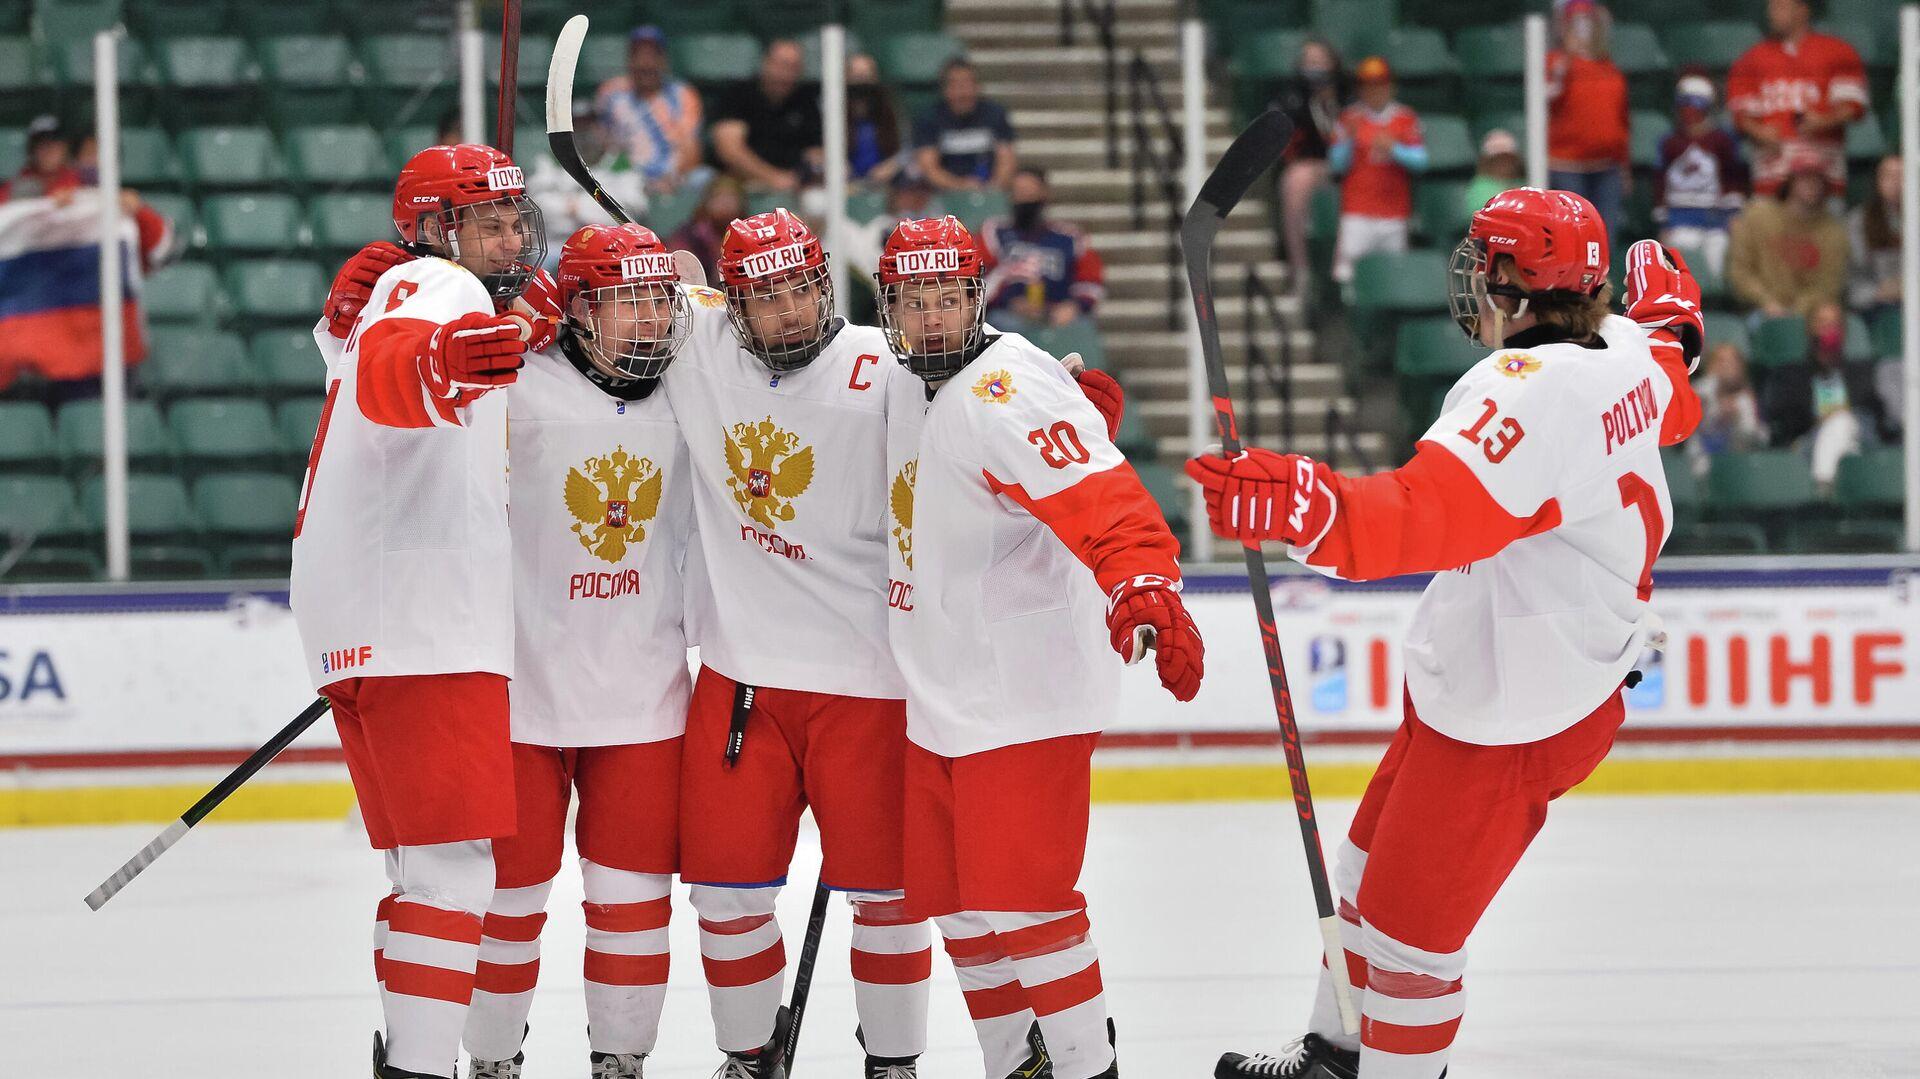 Хоккеисты юниорской сборной России  - РИА Новости, 1920, 06.05.2021